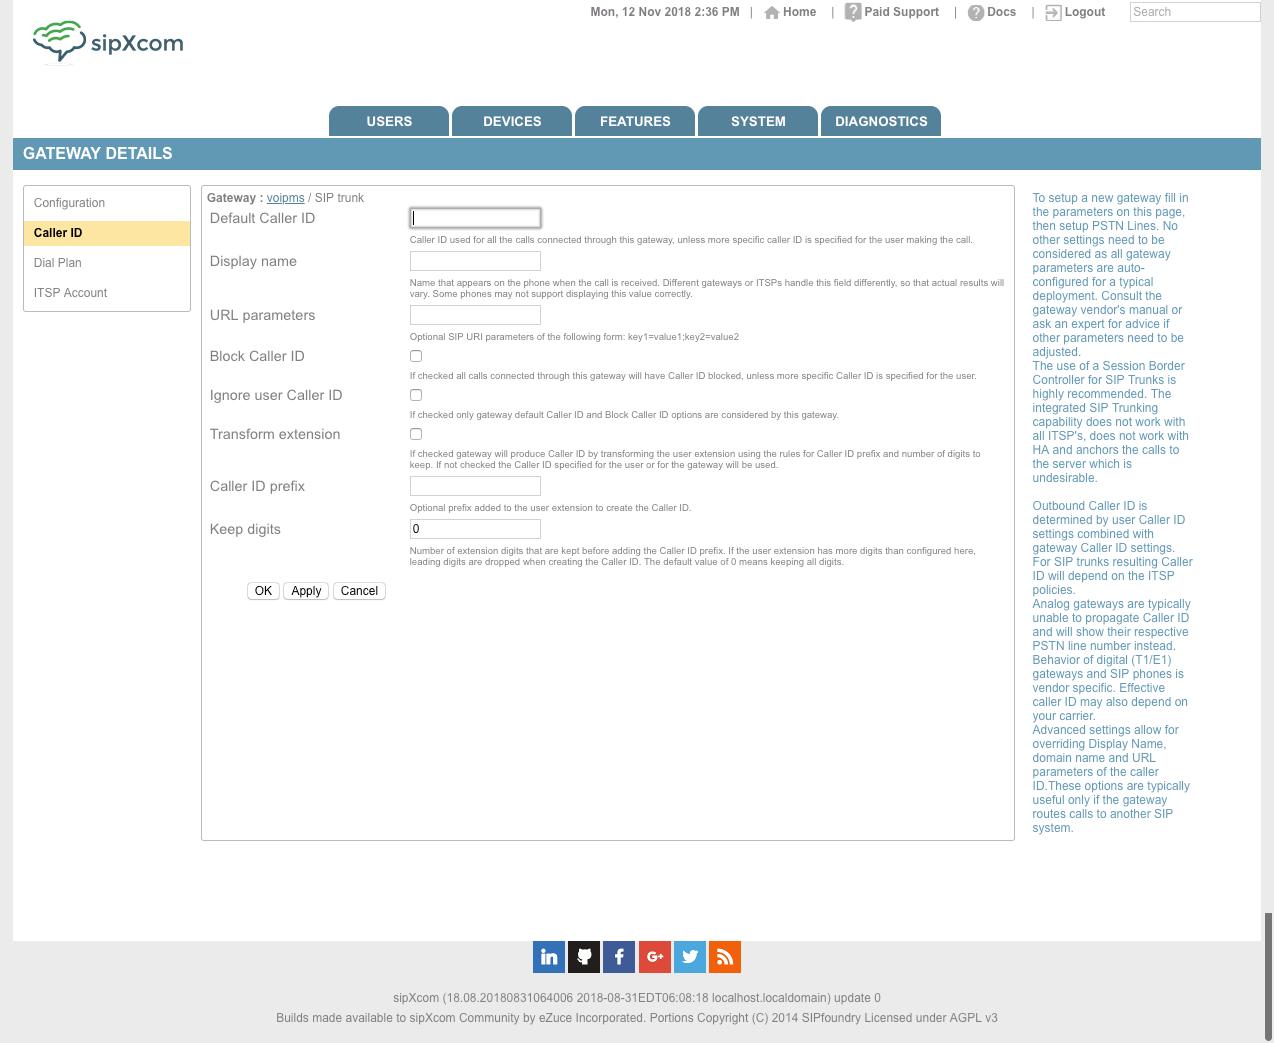 SIP Trunking - sipXcom - Documentation Wiki